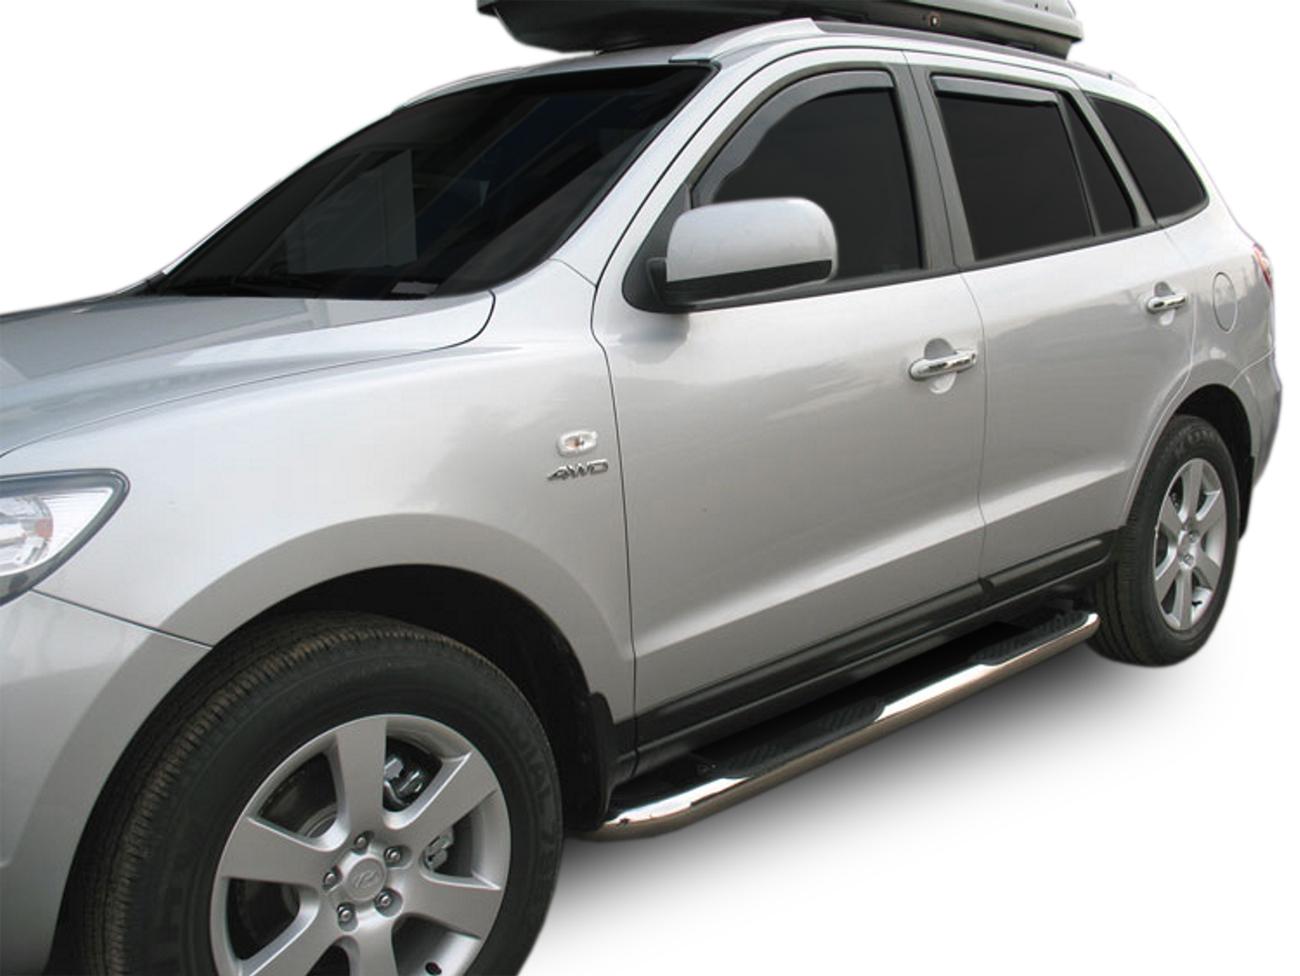 Bočné nerezové rámy Hyundai Santa Fe 2006-2012